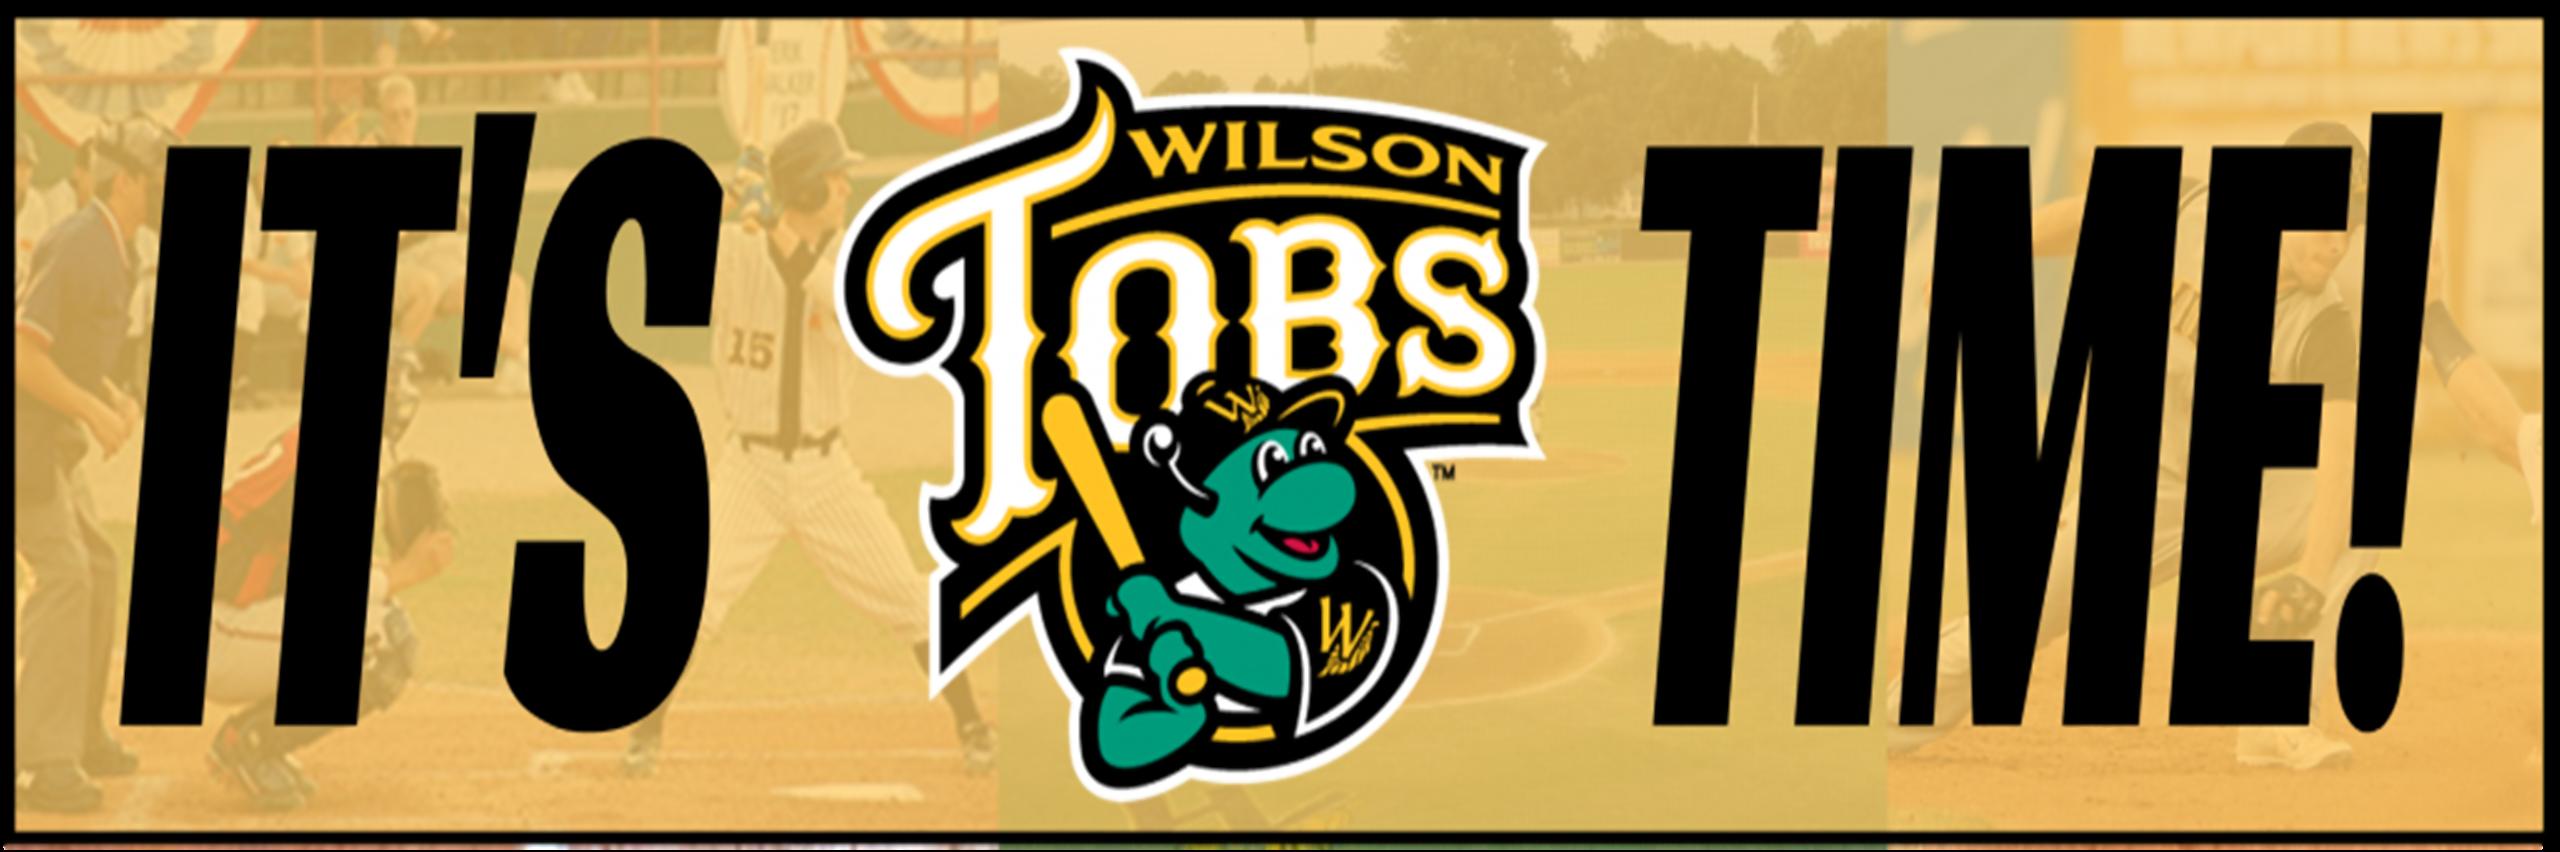 Wilson Tobs Baseball Network